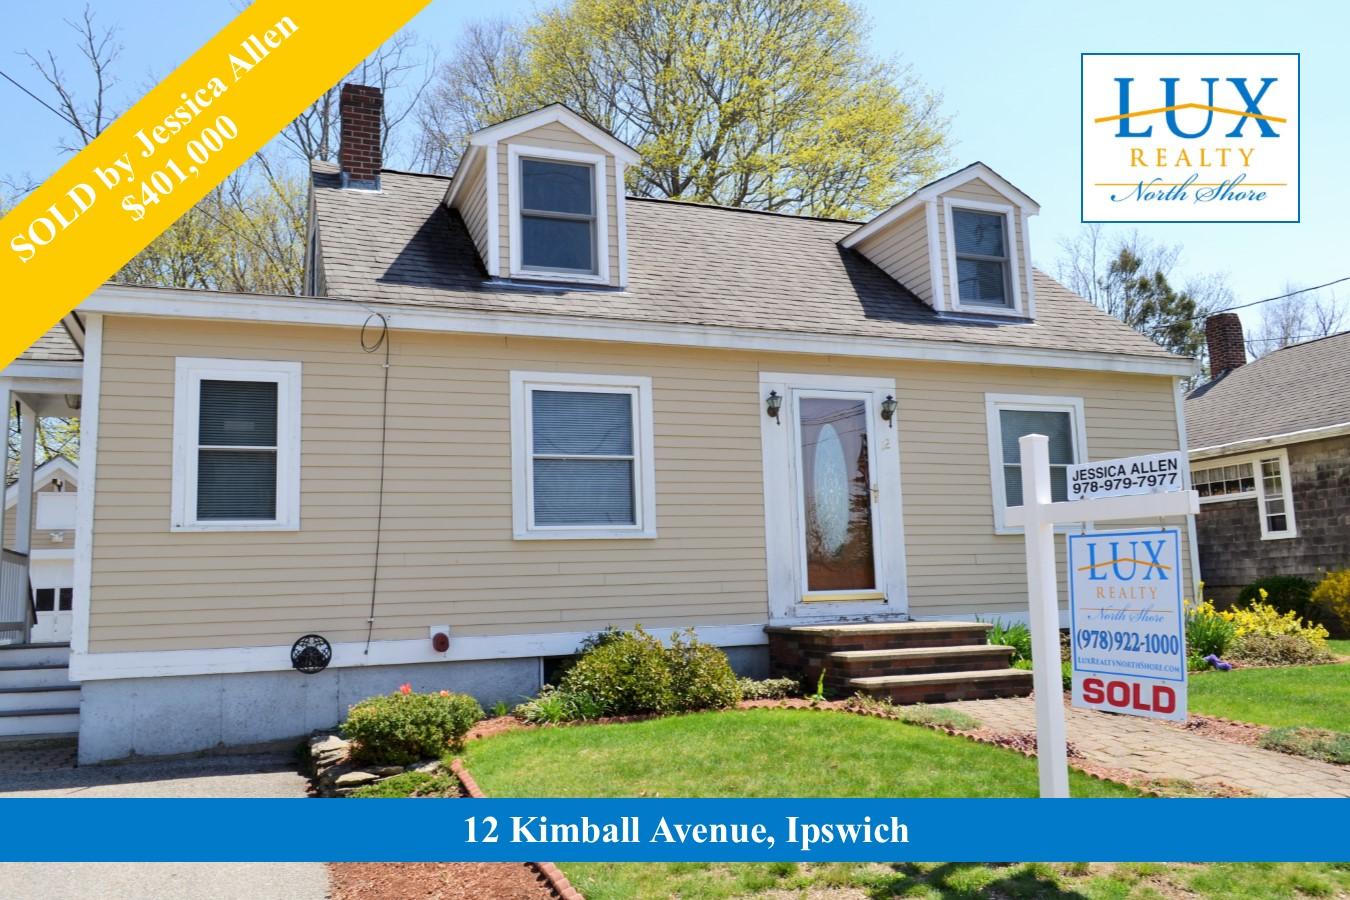 12 Kmiball Ave, Ipswich Cape House